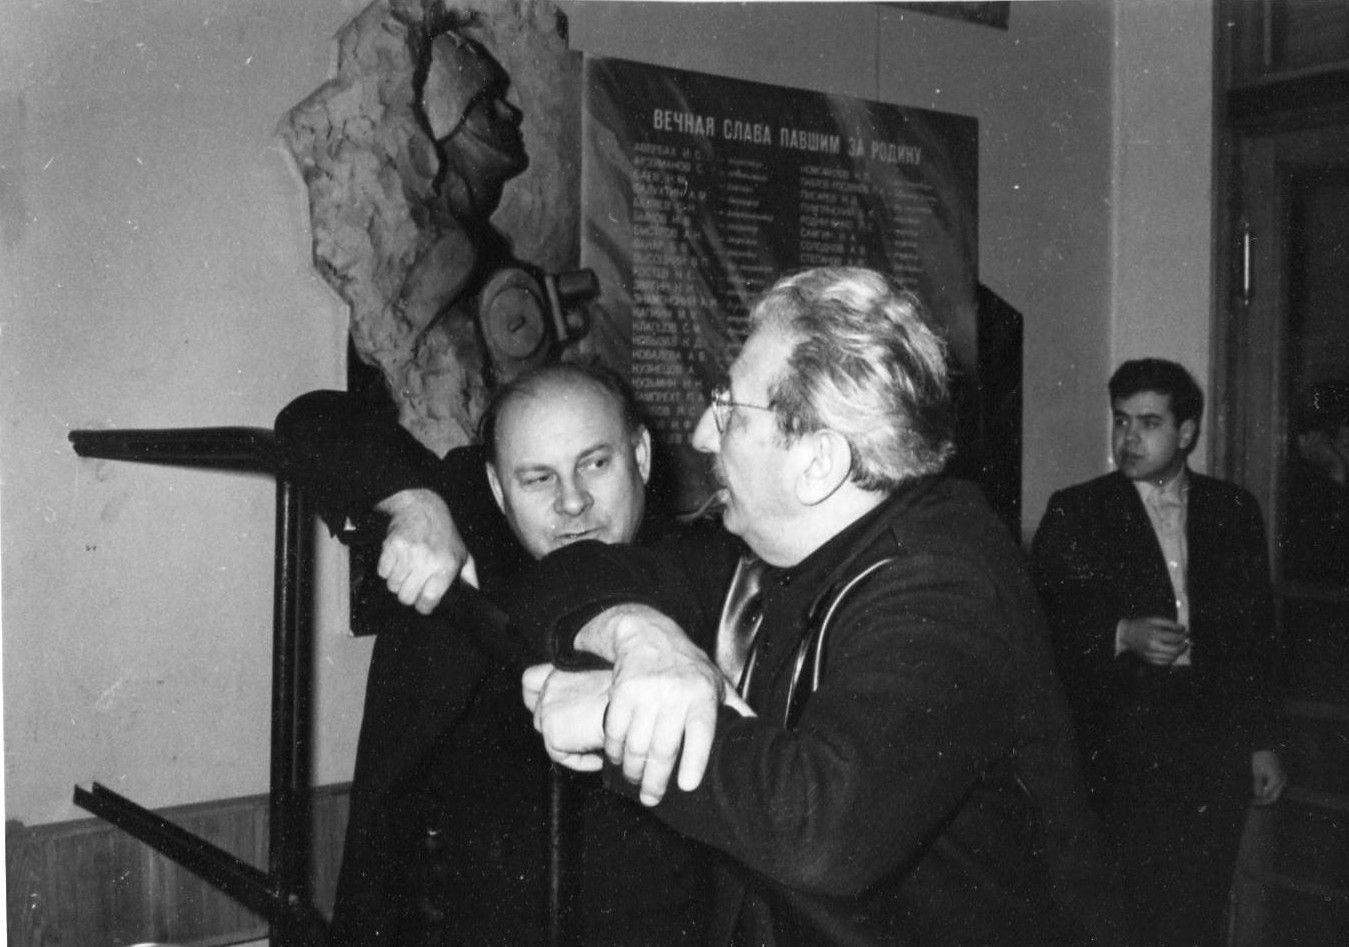 Мемориальная доска в Лиховом переулке, дом 6. ЦСДФ. 1968 год